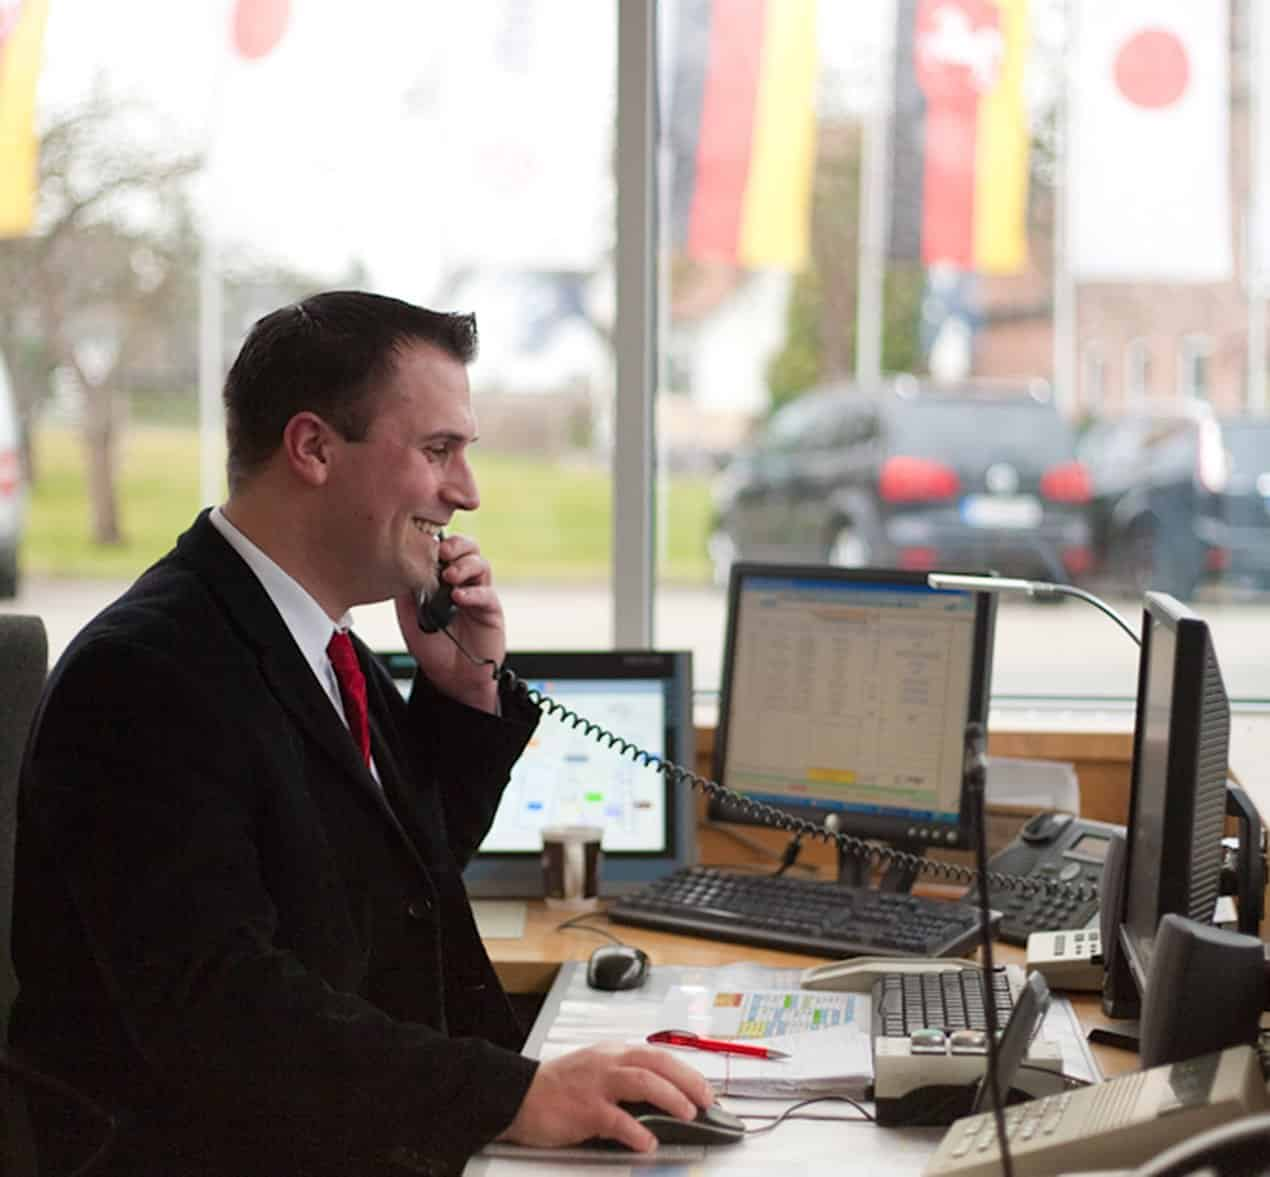 Wir empfangen Ihre Kunden, freundlich und professionell.